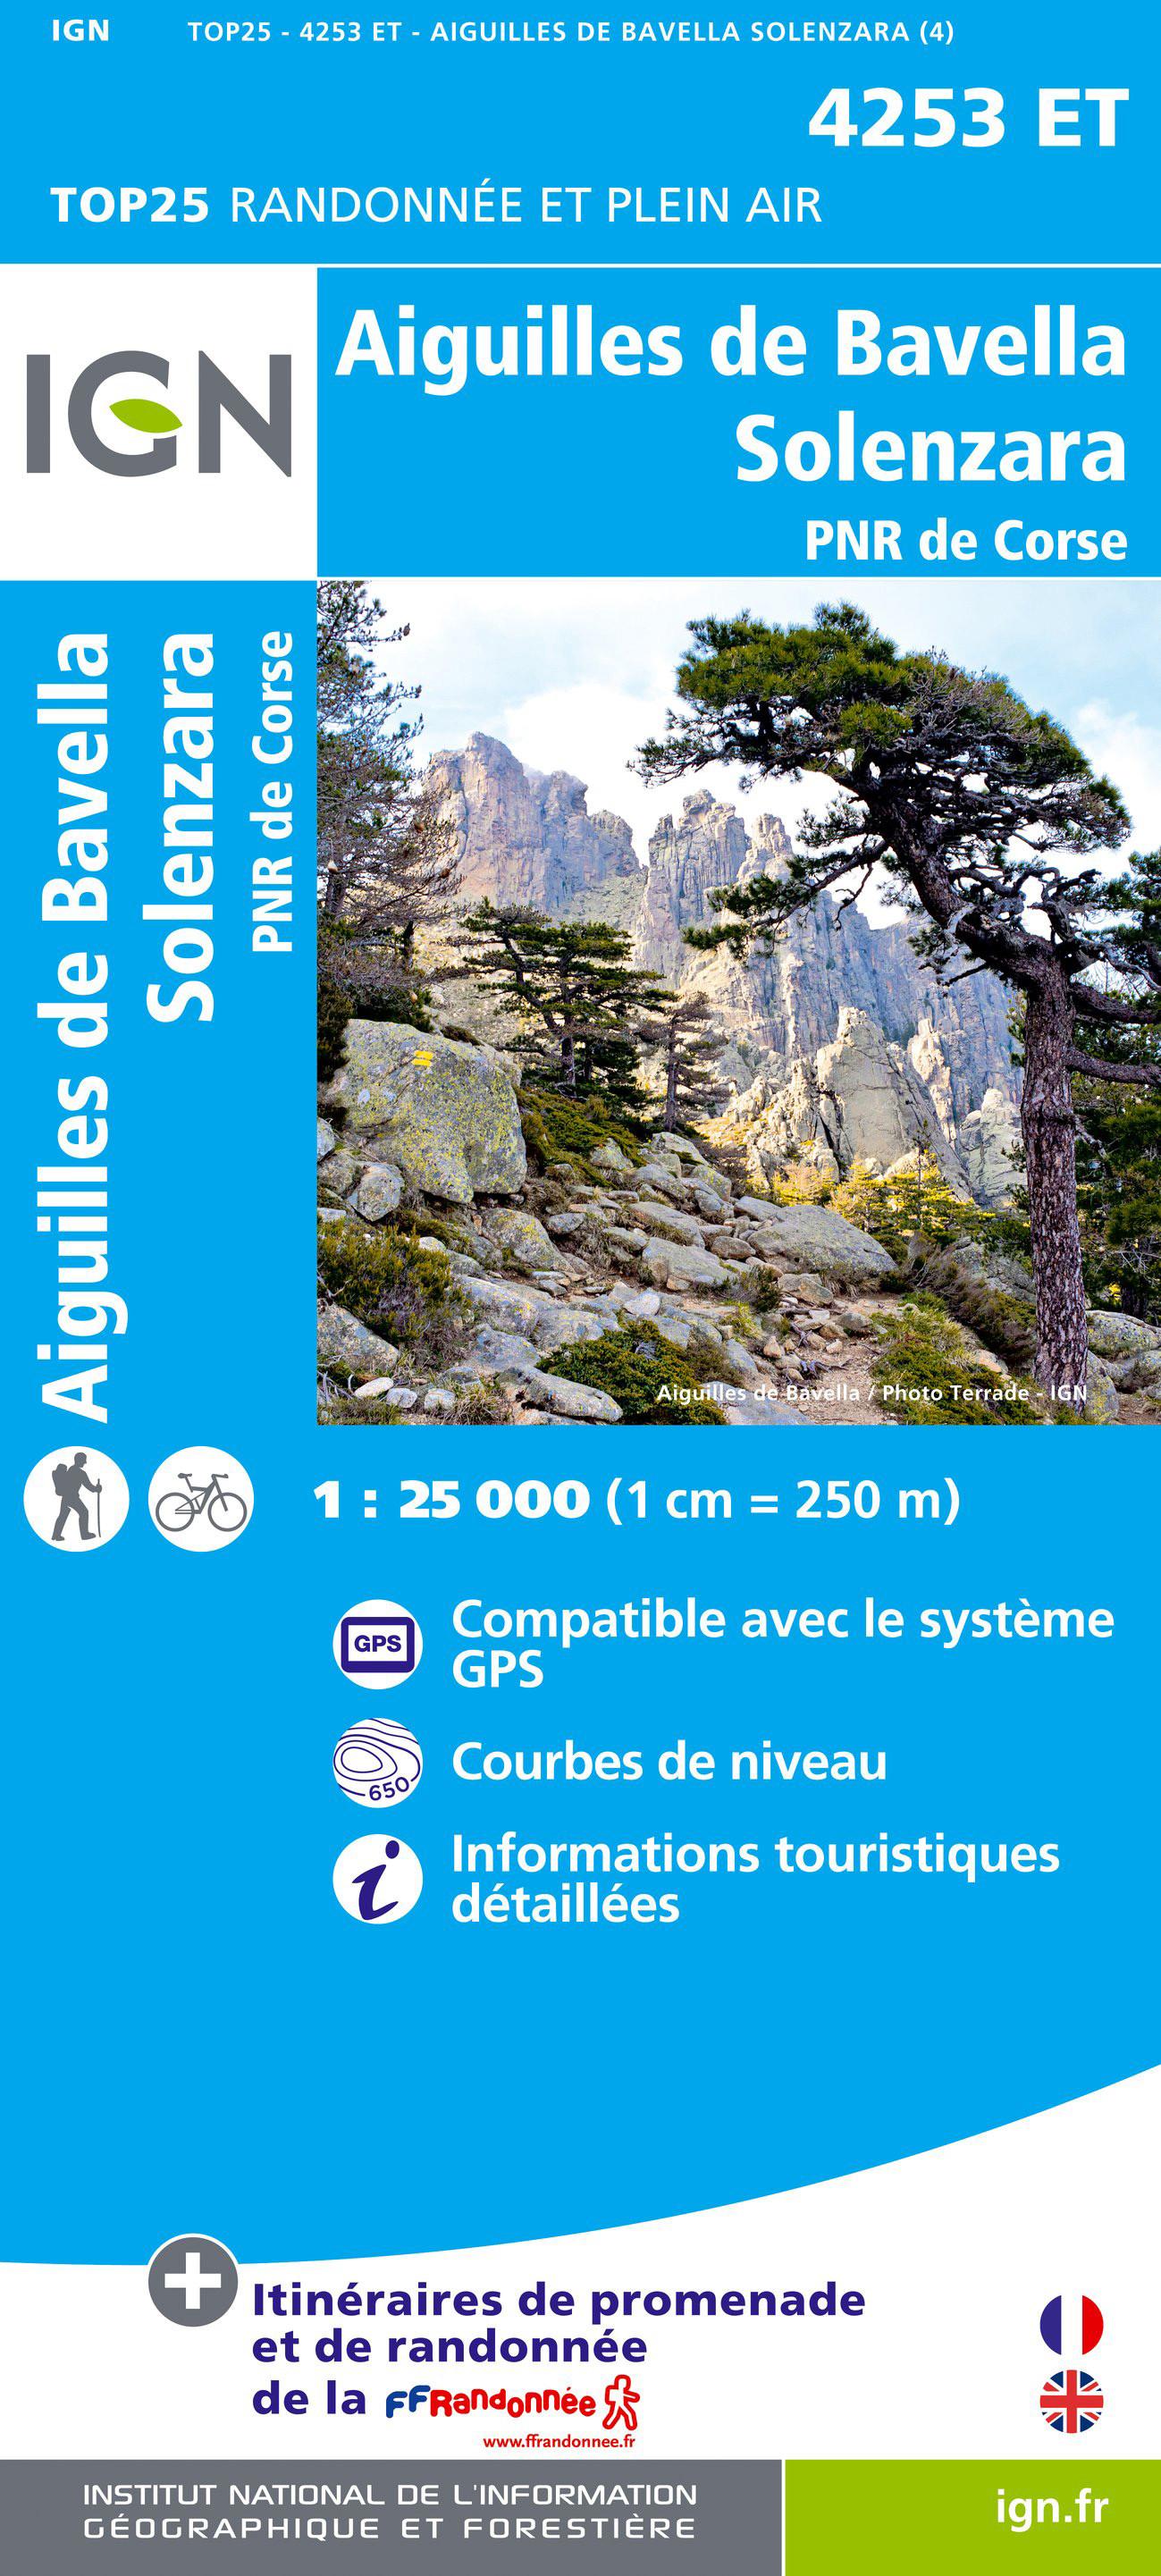 IGN 4253 ET Aiguilles de Bavella / Solenzara / PNR de Corse